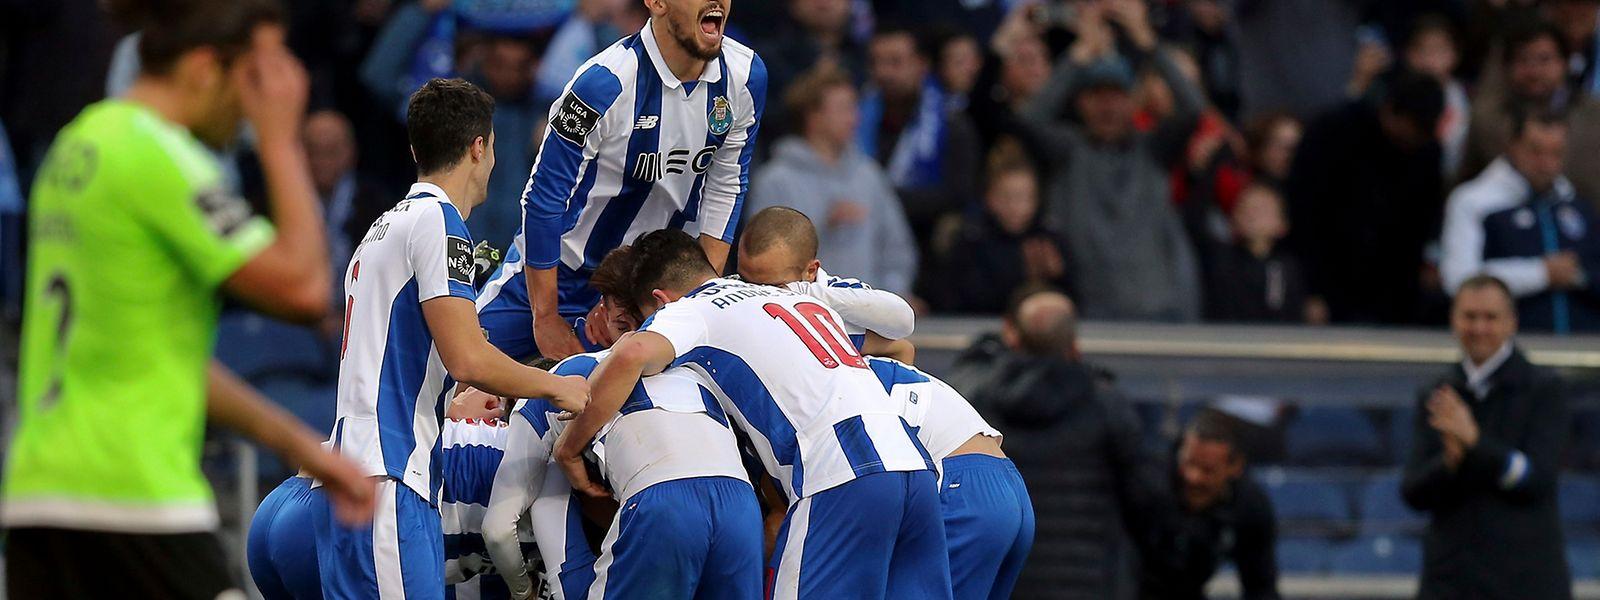 O FC Porto ganhou ao Rio Ave por por 4-2